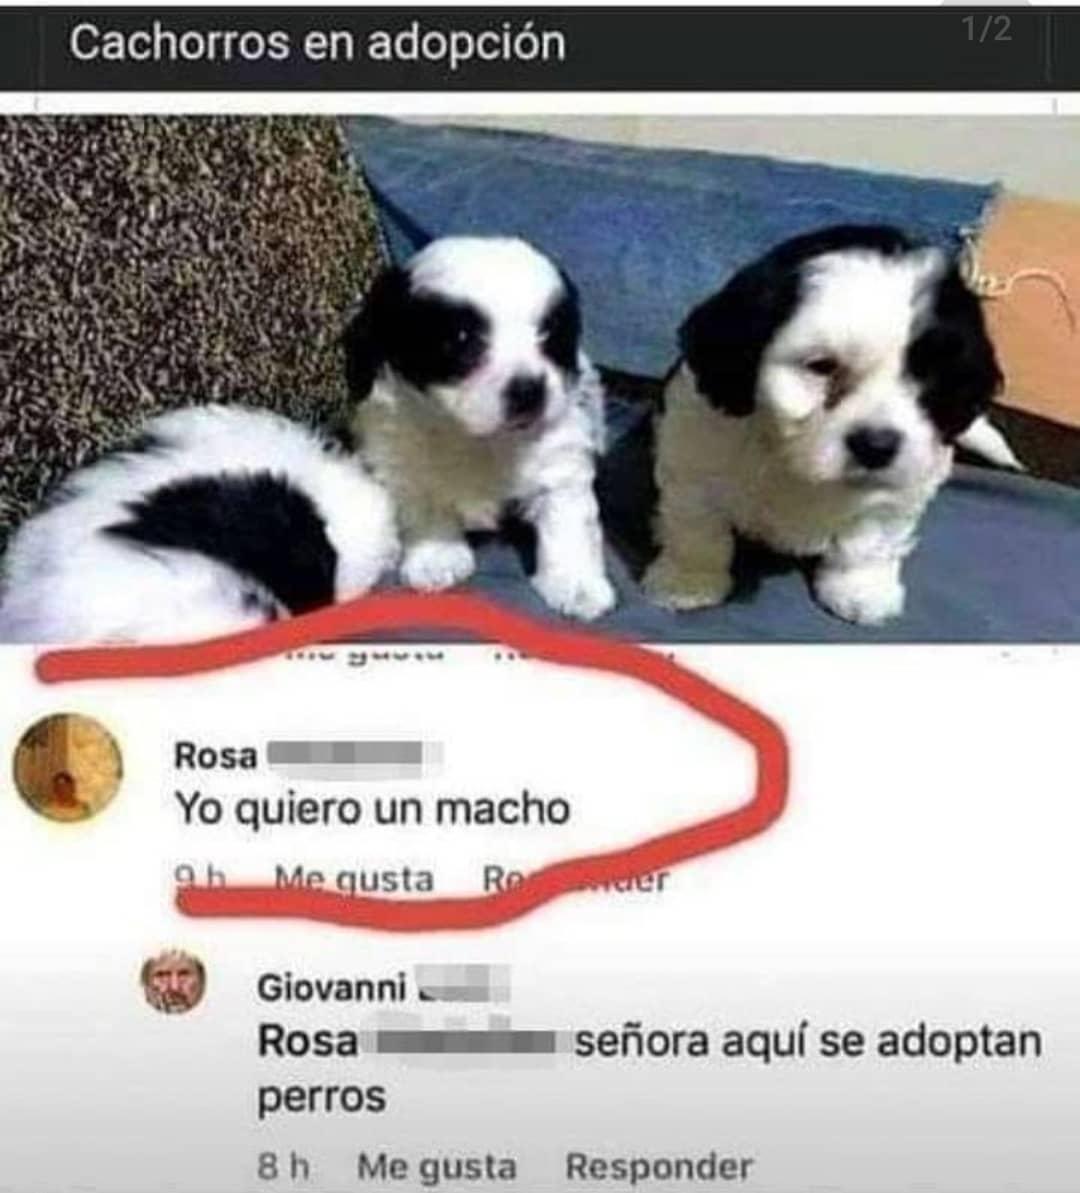 Yo quiero un macho.  Giovanni Rosa señora aquí se adoptan perros.